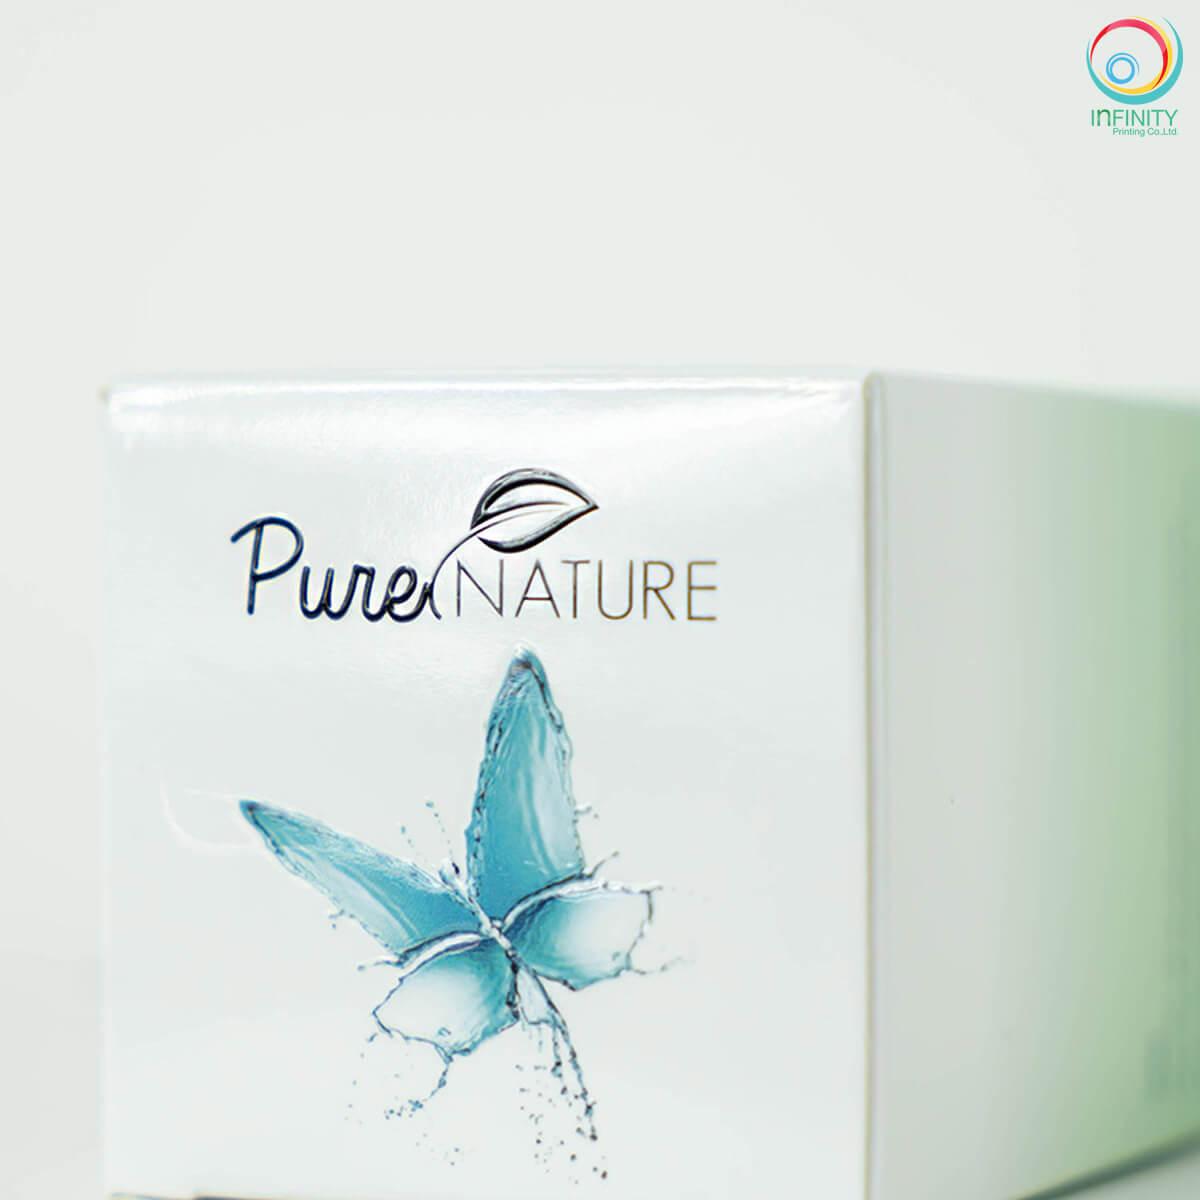 กล่องPure Nature3